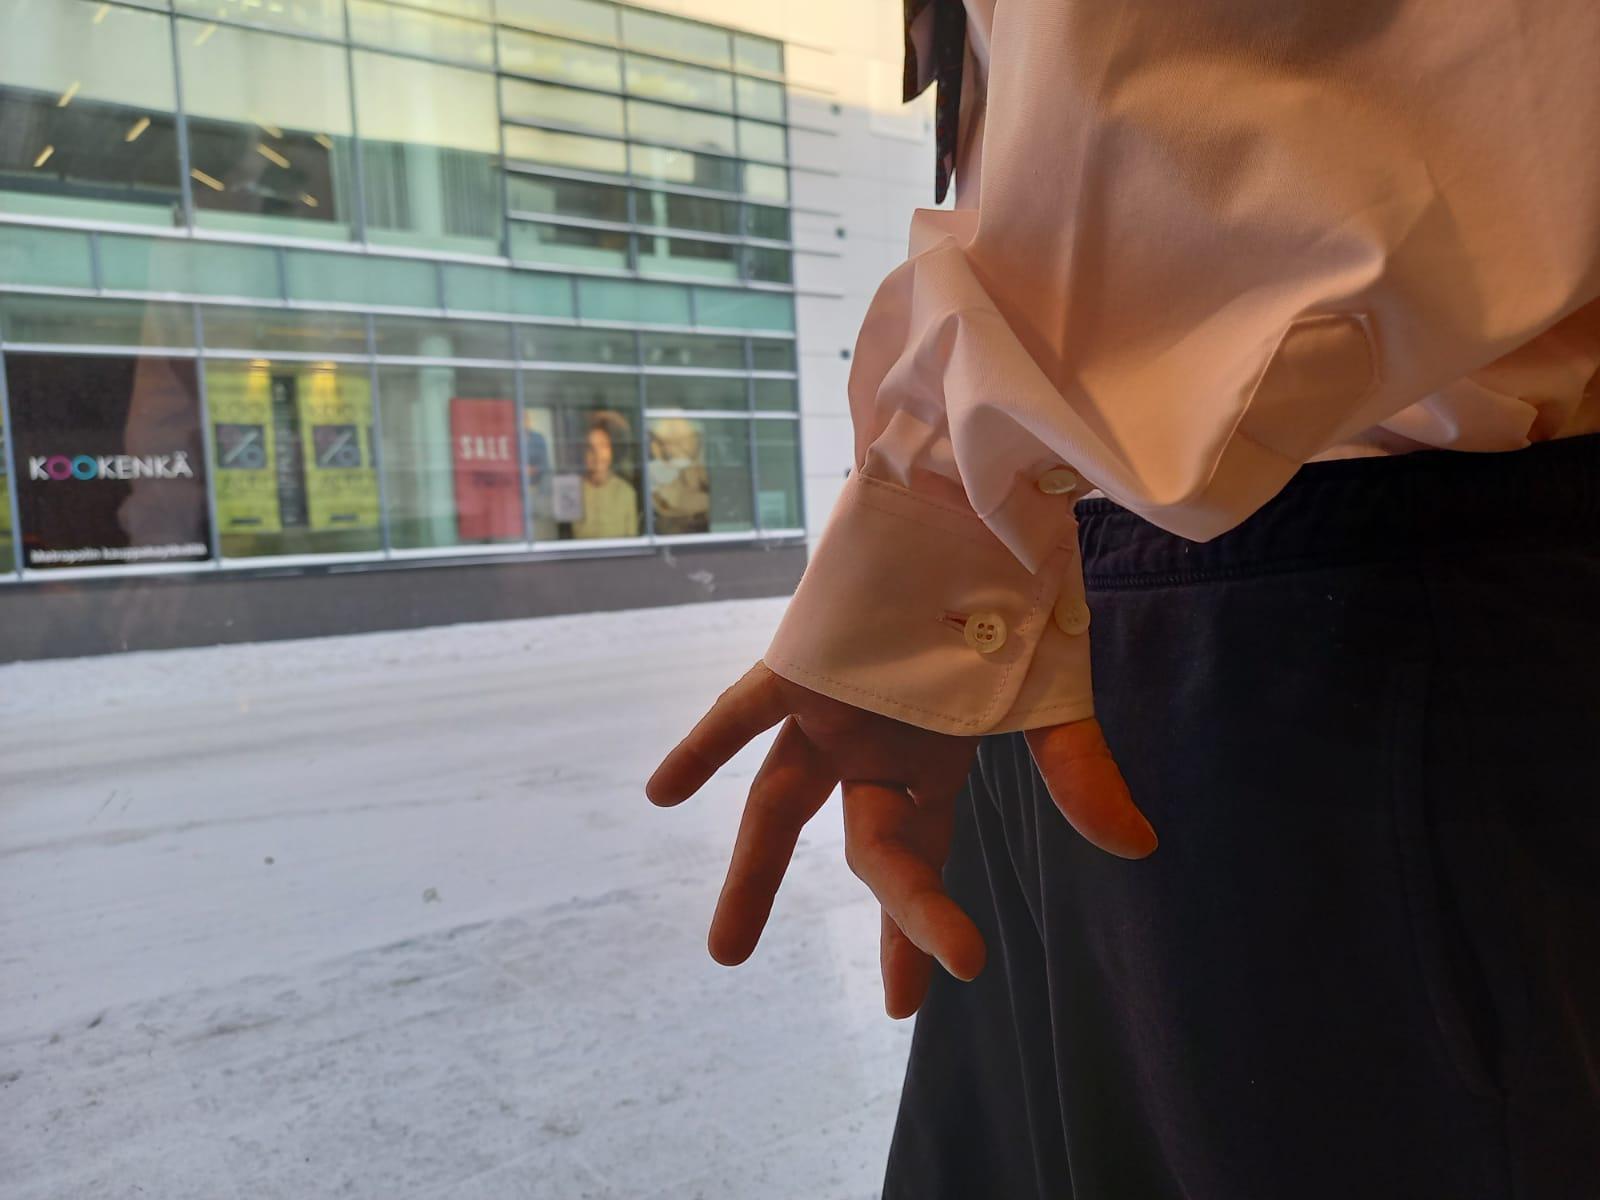 Kauluspaitaan ja puvun housuihin pukeutunut henkilö näyteikkunan edessä kuvattuna niin, että vain käden ojennetut sormet ja osa kehoa näkyy.